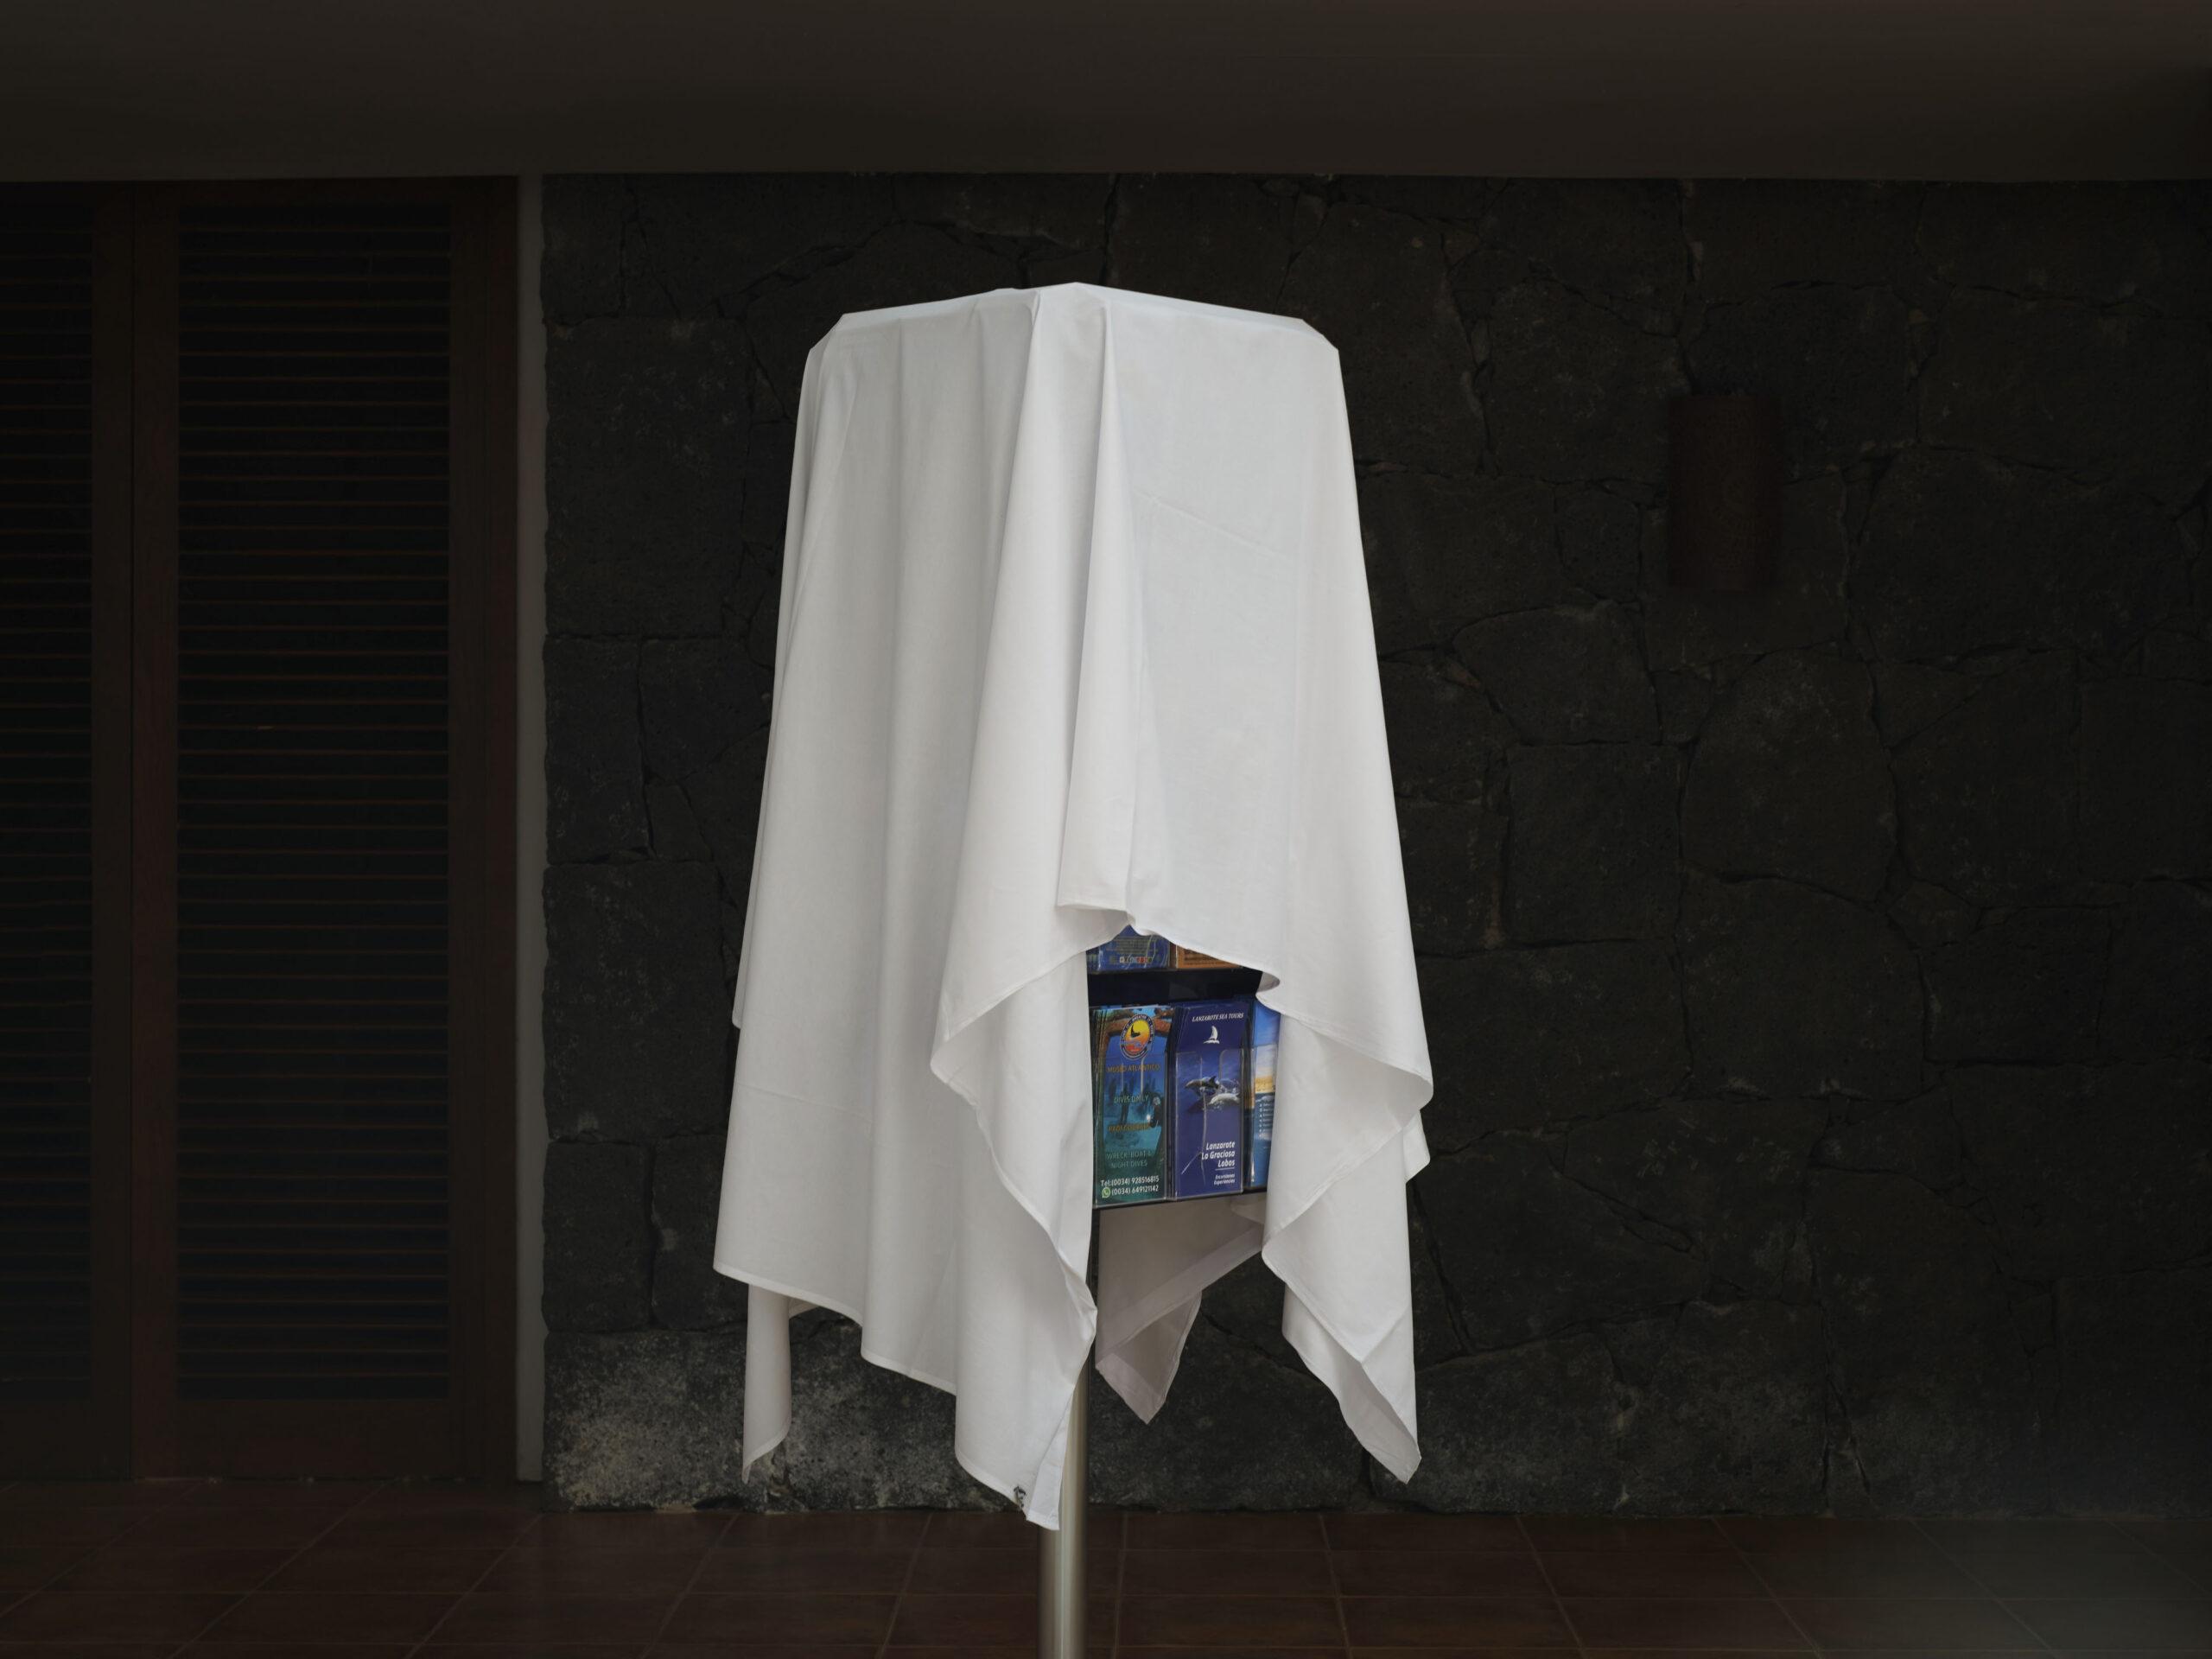 """Primer Premio. Categoría: Sociedad (Serie). Serie fotográfica """"La isla diferente"""" . Fotografías realizadas en Lanzarote entre el 8 de abril y el 5 de mayo, mientras ocurría el estado de alarma provocado por la COVID-19, en espacios destinados al turismo. Rubén Acosta"""